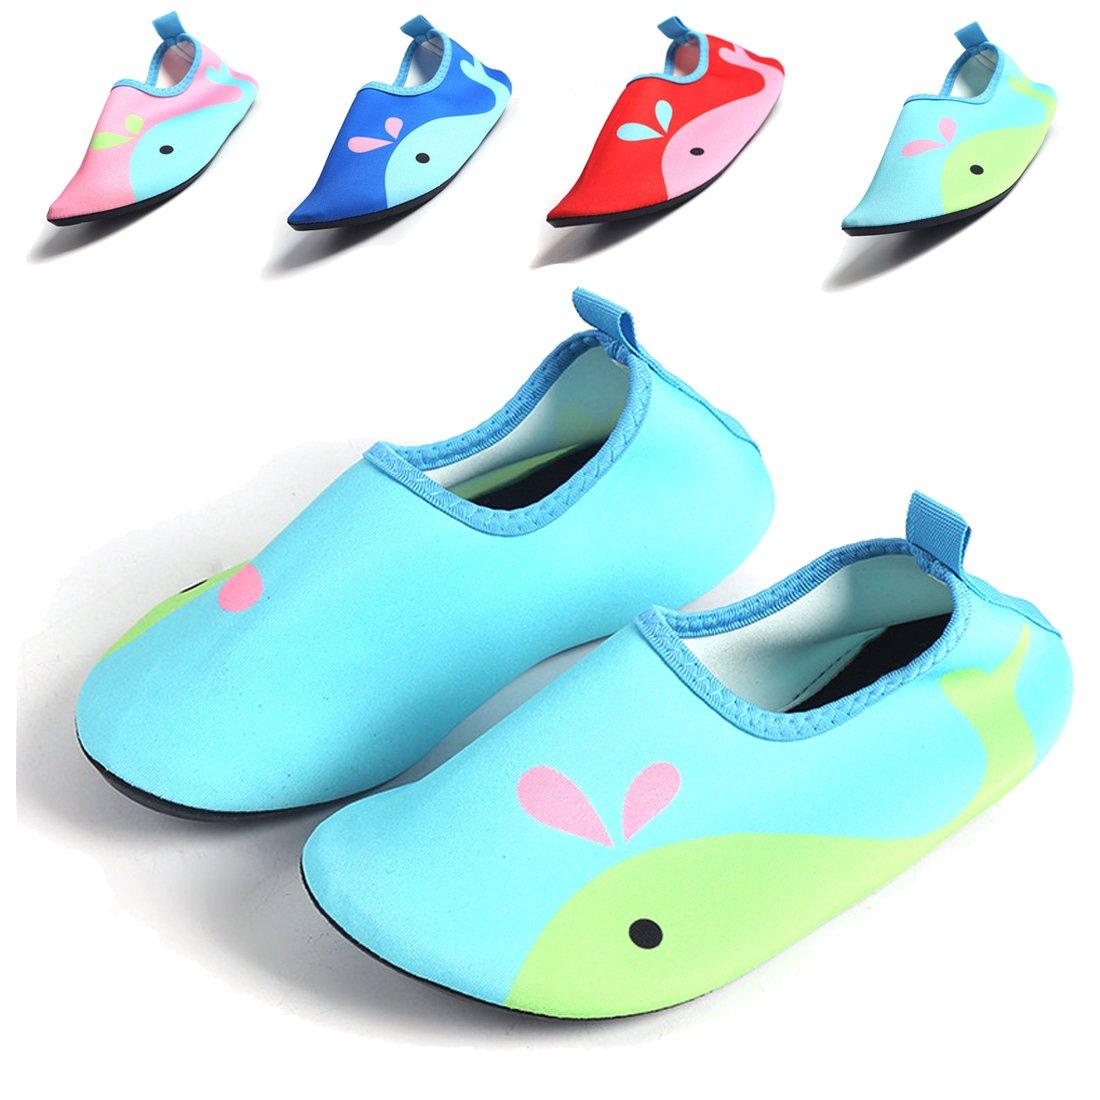 J&T Zapatos para Niño Zapatos de Agua de Natación Niños Zapatos de Niños Descalzo Barefoot Aqua Calcetines para la Piscina de Playa Surf Yoga Unisex-Niños Niños Niñas Adolescentes AK-MLL